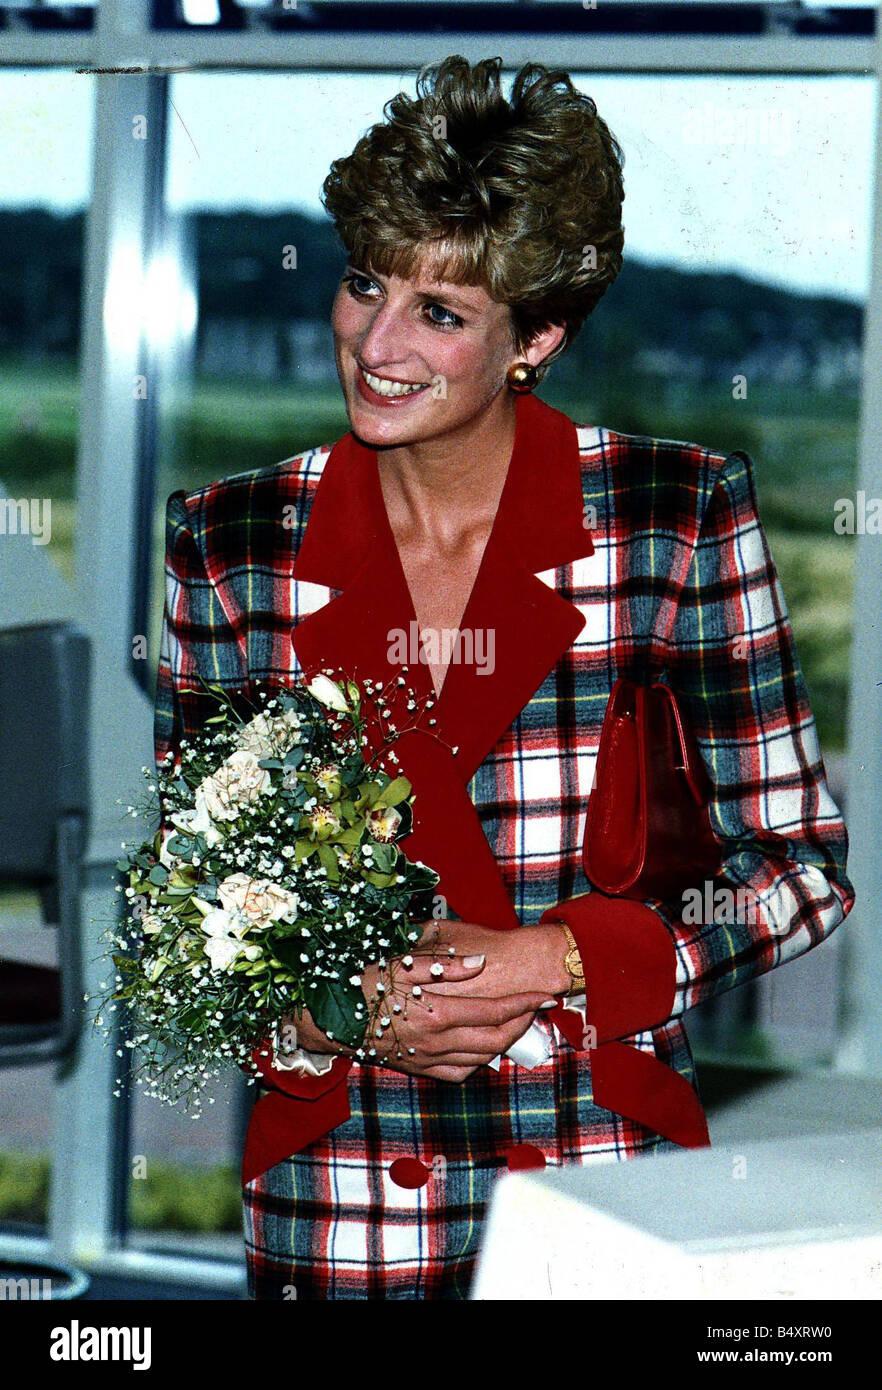 princess diana princess of wales tartan dress red collar